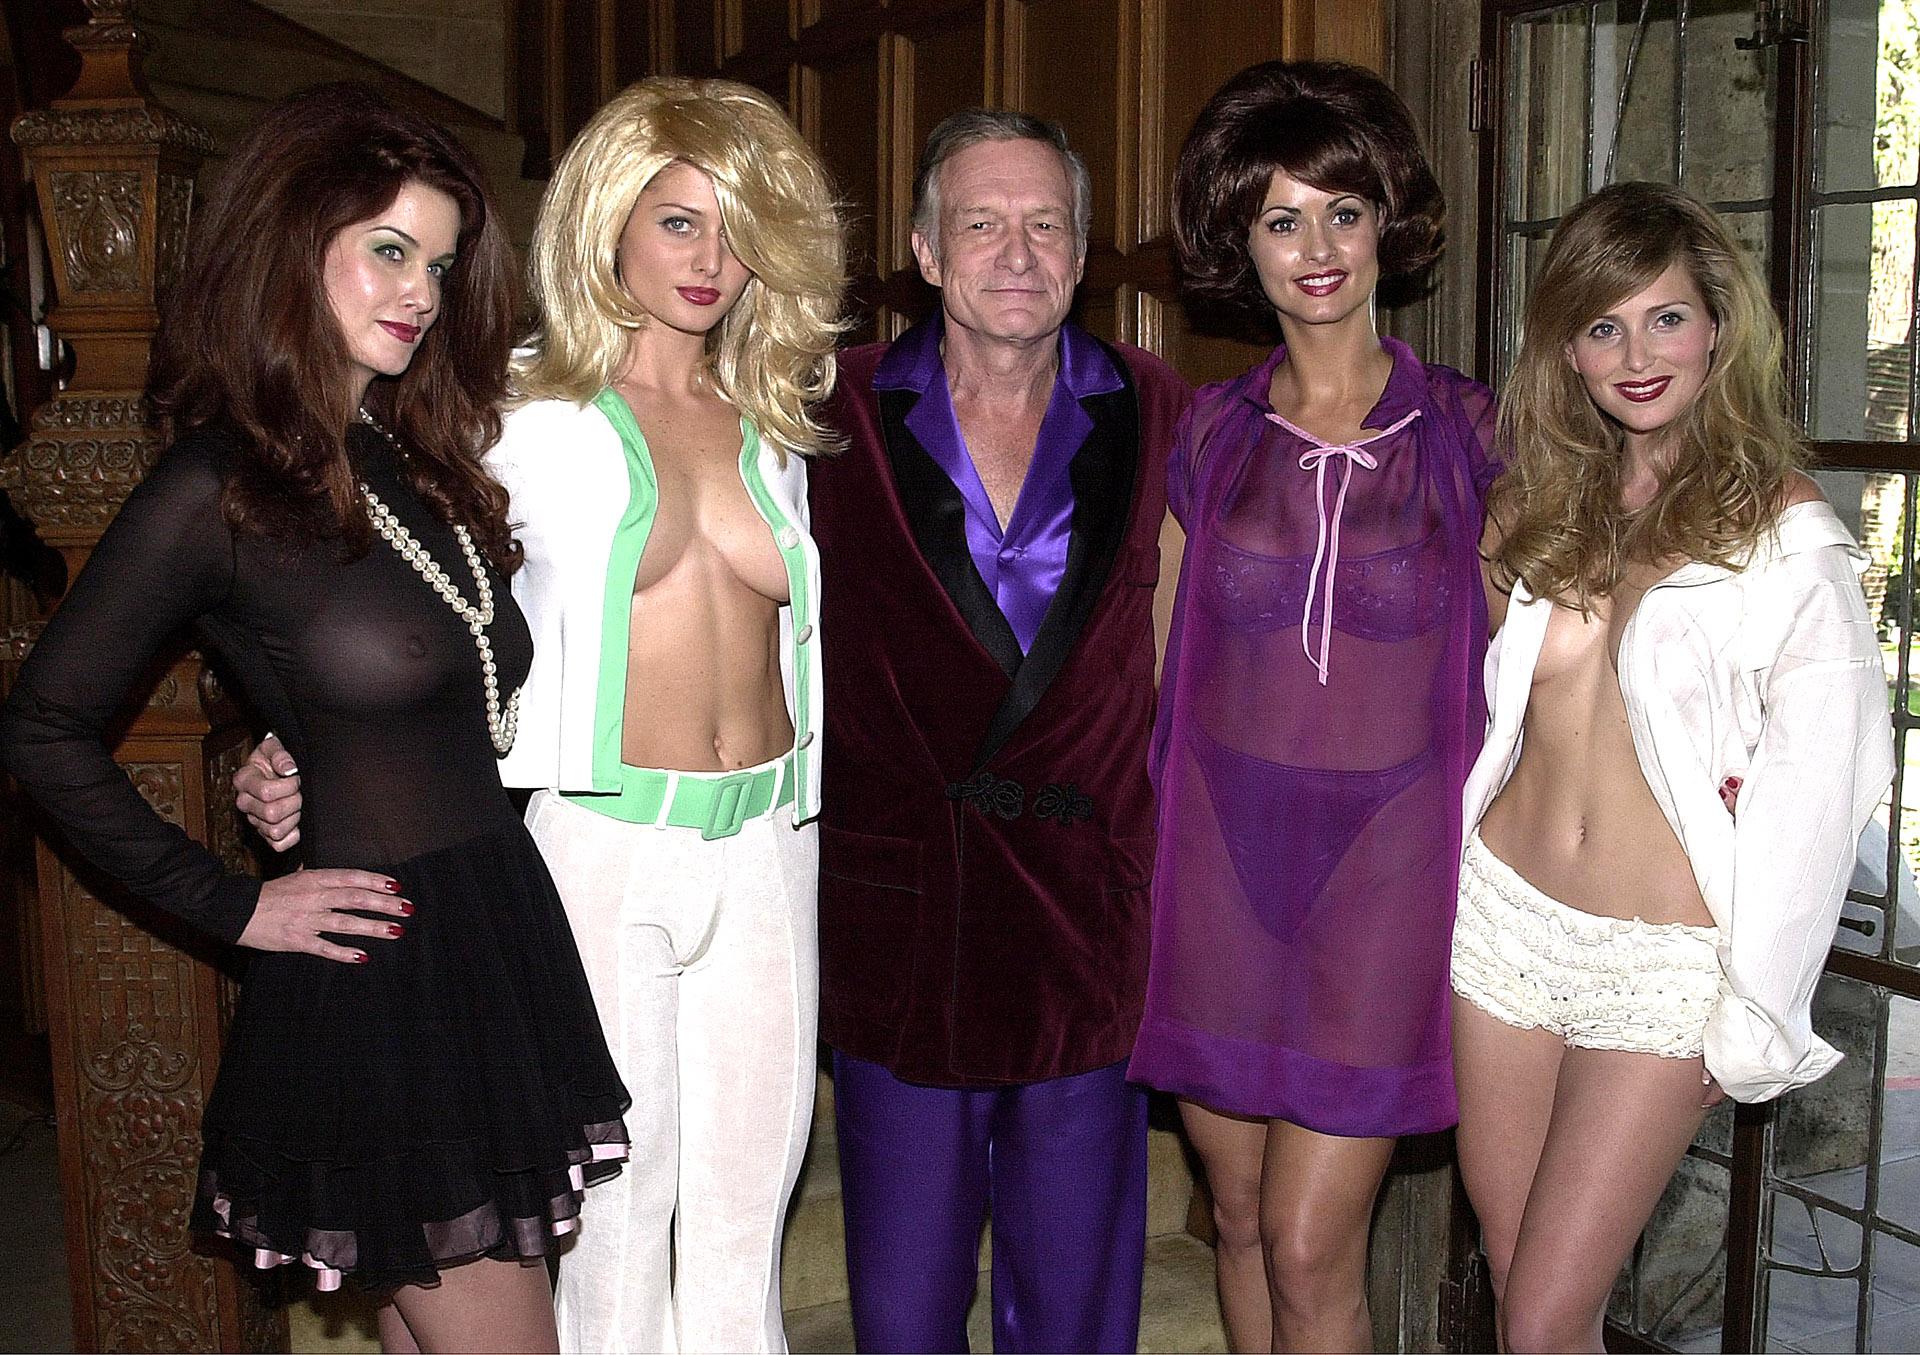 Hugh Hefner junto a las míticas Carrie Stevens, Kalin Olson, Karen McDougaly Deanna Brooks en una de las tantas fiestas organizadas en la residencia. Elegía tonalidades en la gama de los violetas, bordeaux y negro en géneros sensibles al tacto